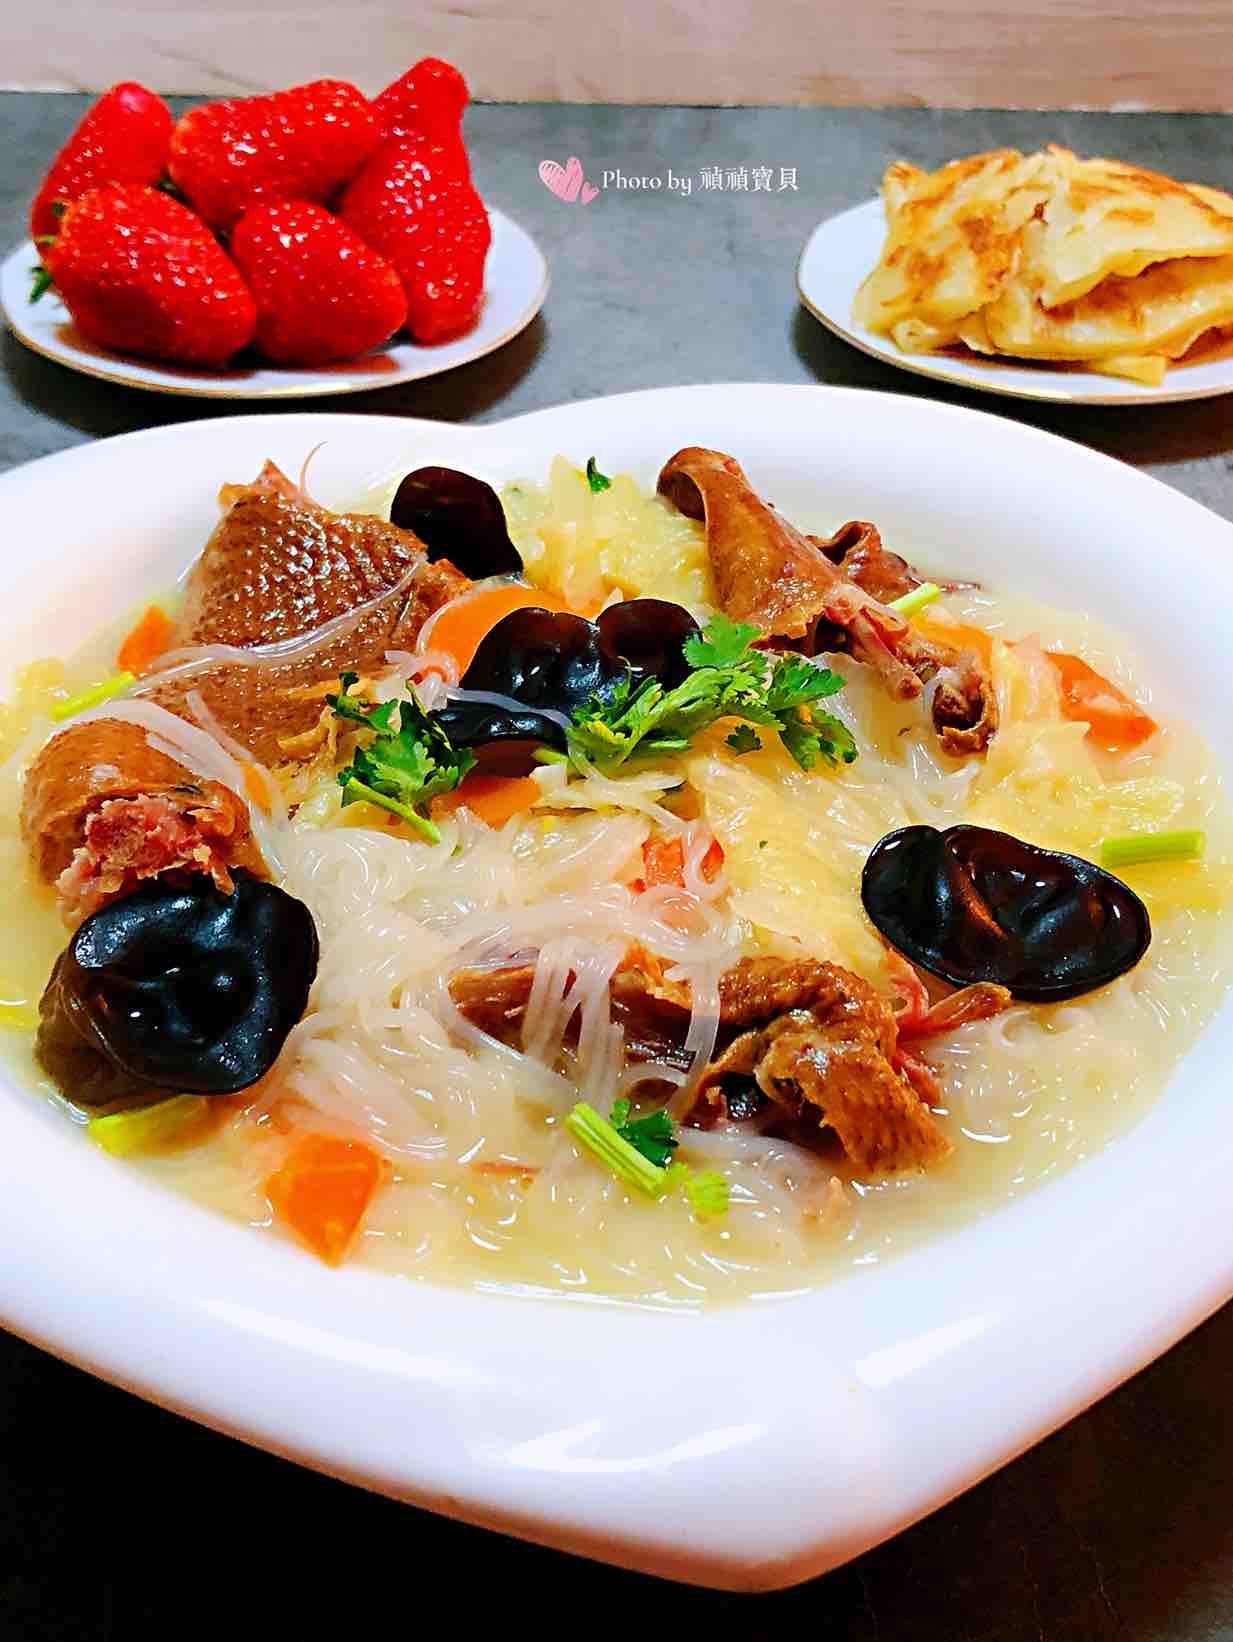 白菜腊鹅木耳粉丝汤